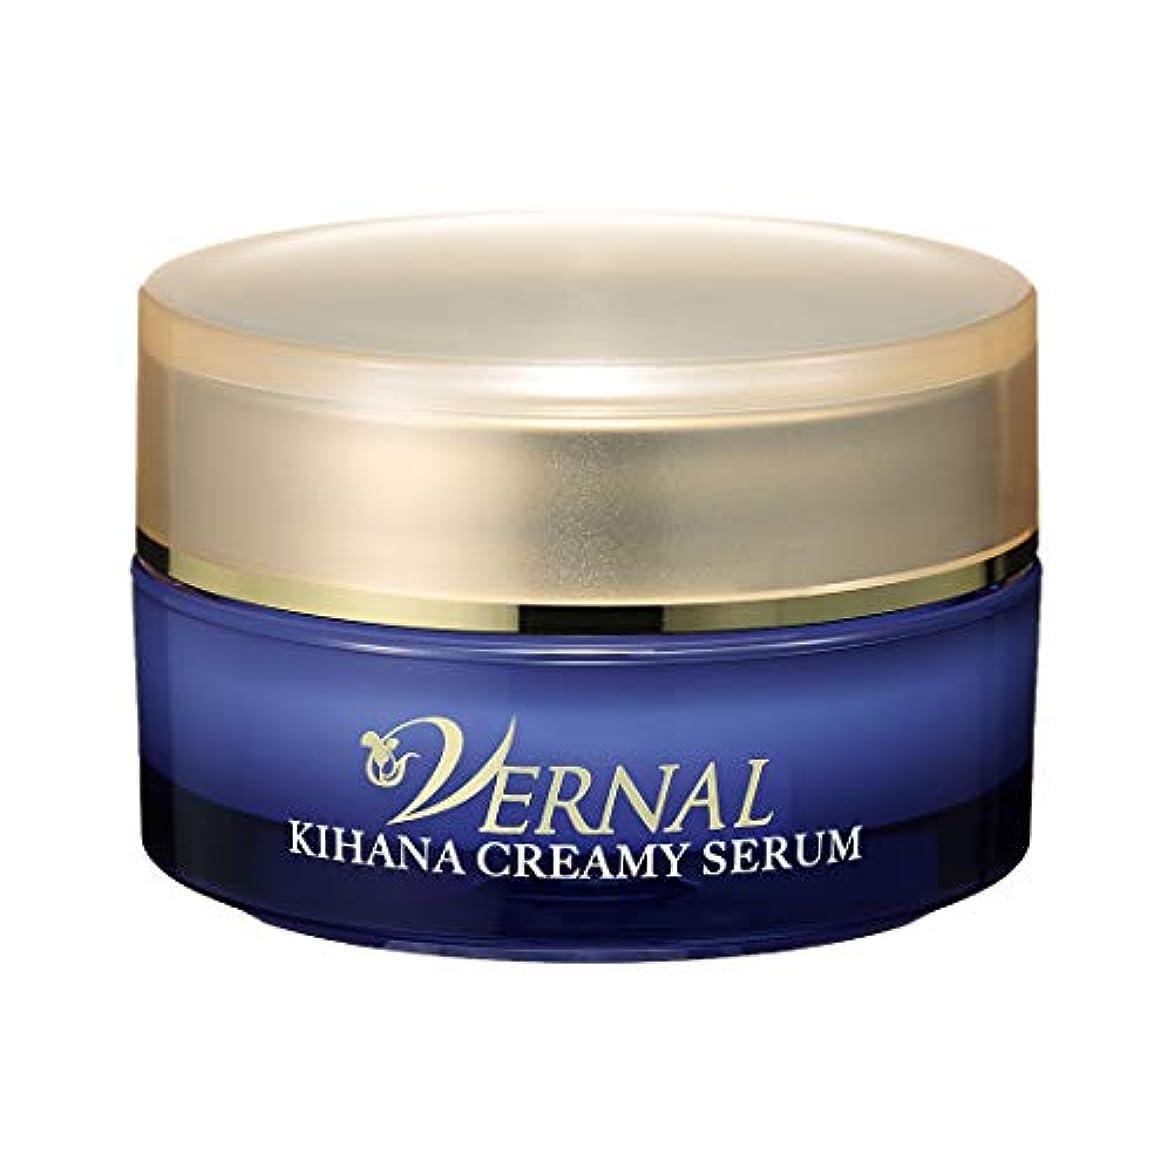 断線るインフラキハナクリーミーセラム 30g/ヴァーナル 美容液 美容クリーム